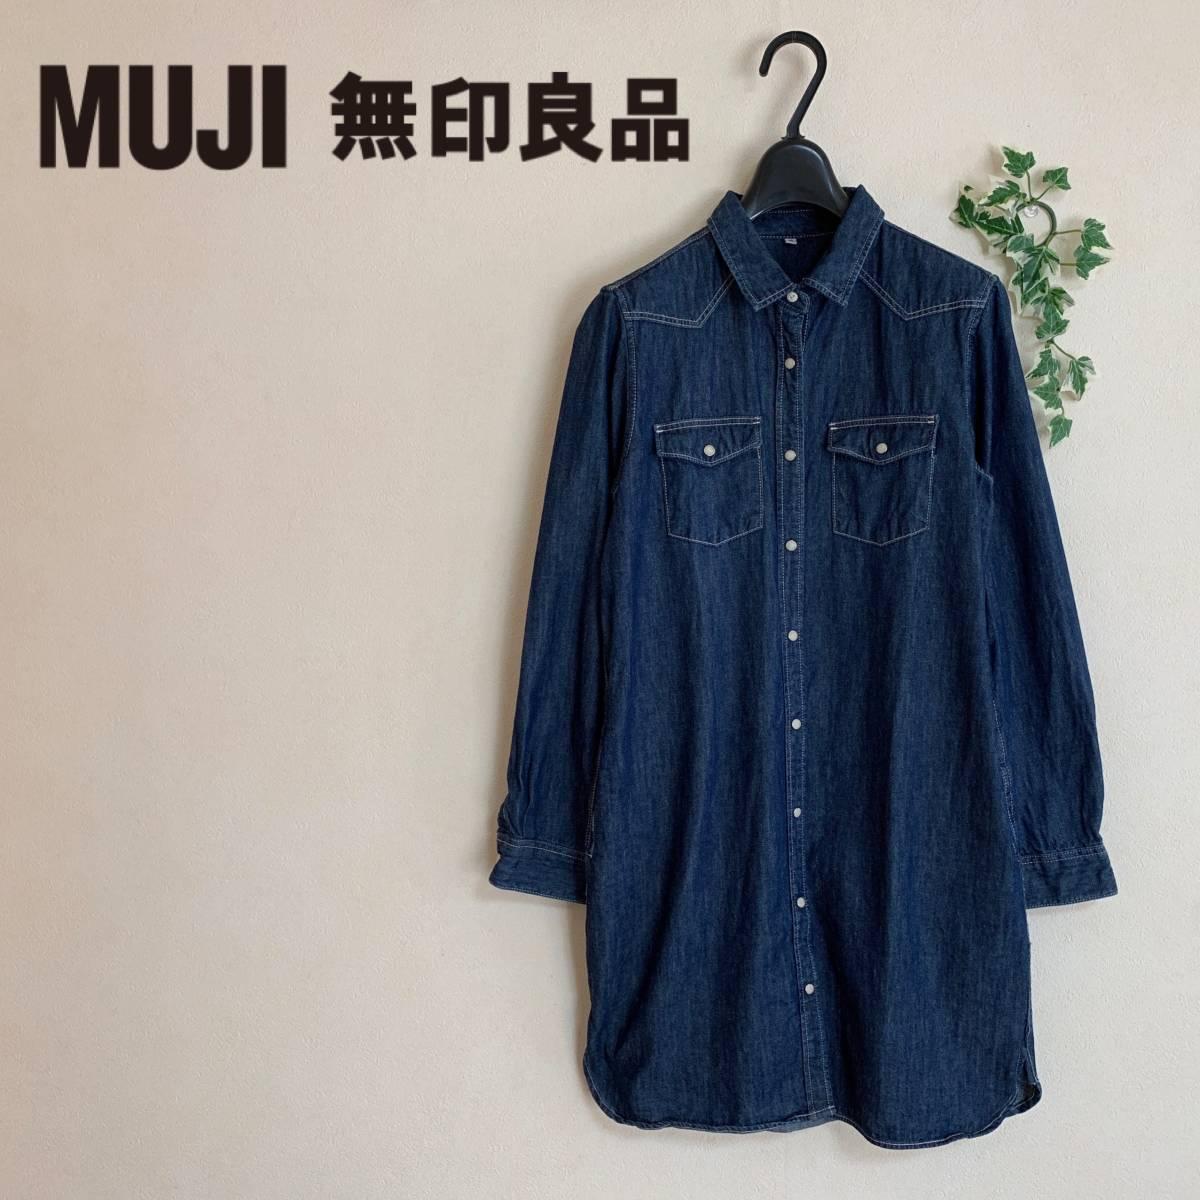 無印良品 MUJI サイズ M ☆ コットン100% デニム 2WAY ☆ 使える シャツ ワンピース